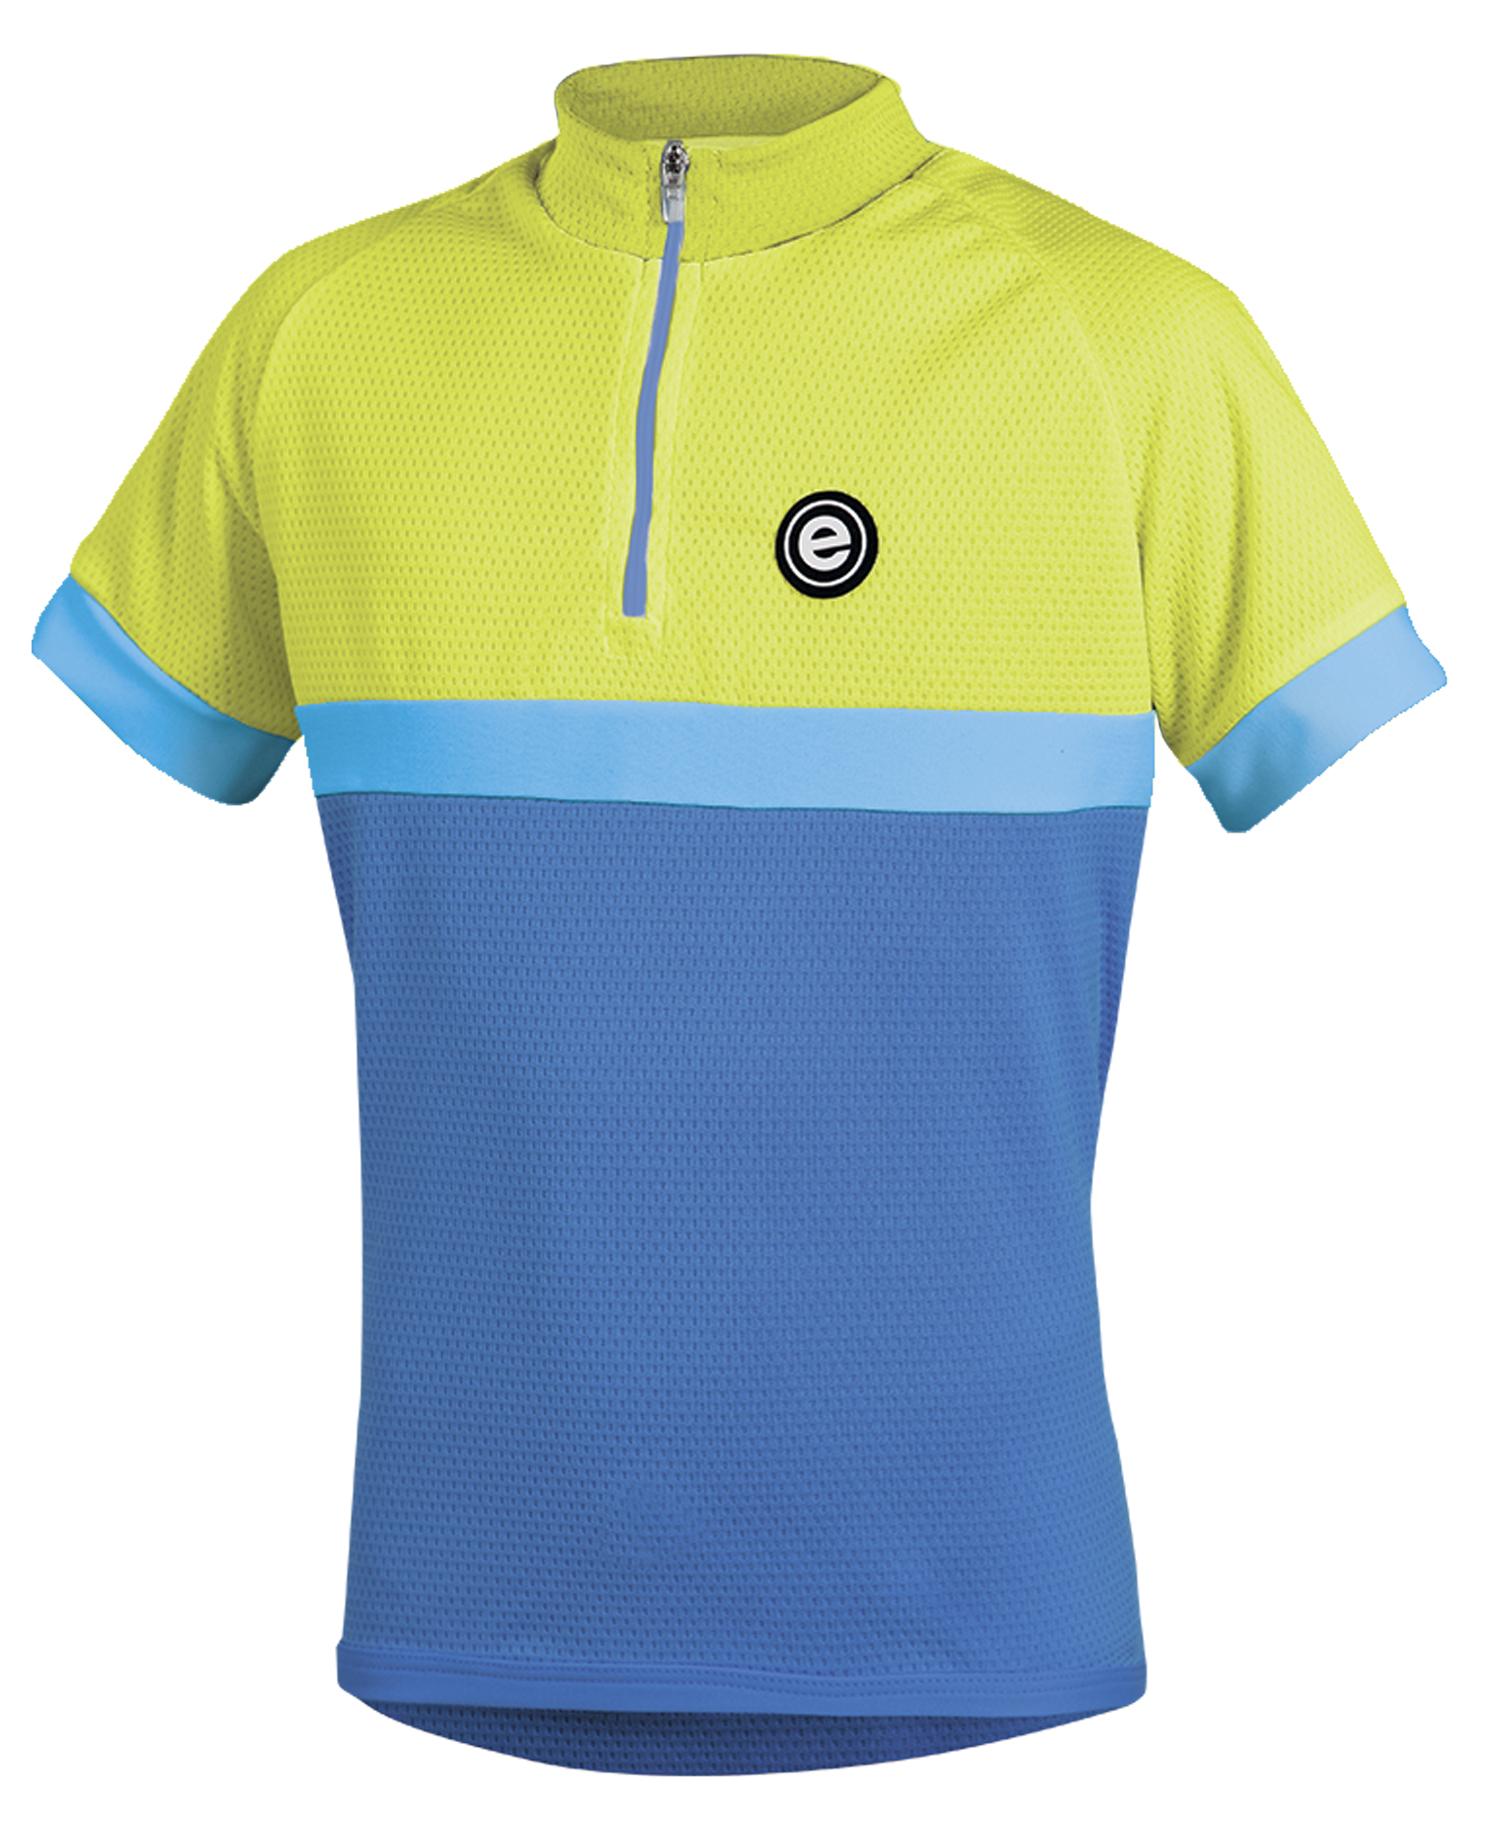 Dětský cyklistický dres ETAPE Bambino, 152/158, modrá/žlutá fluo, model 2017 (Dětský dres Etape, přední zip)